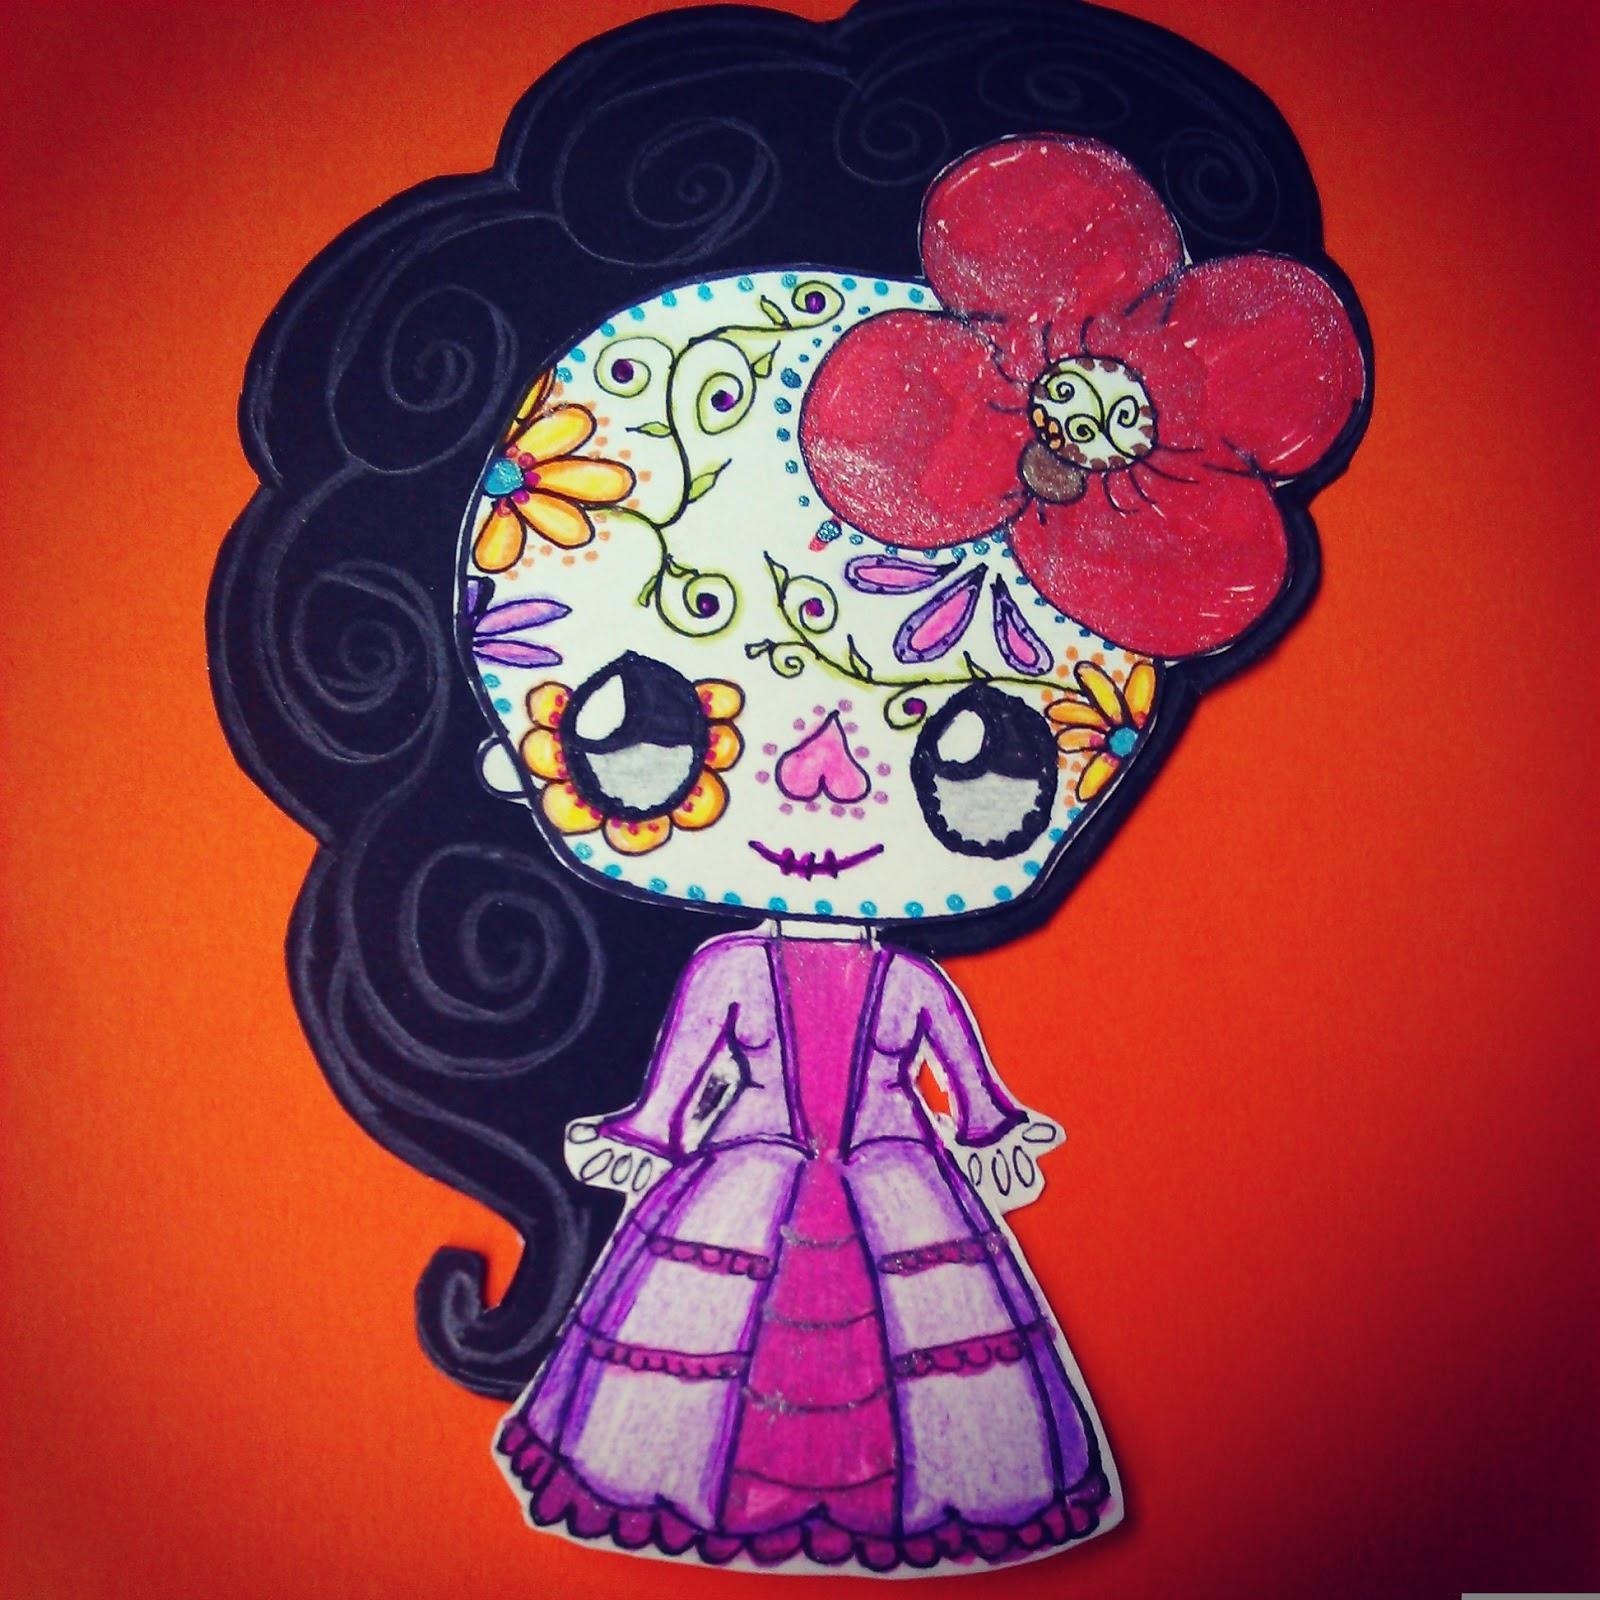 Siempre que pienso en la Catrina pienso en brillo, cintas, puntillas, flores y colores que resaltan mucho.